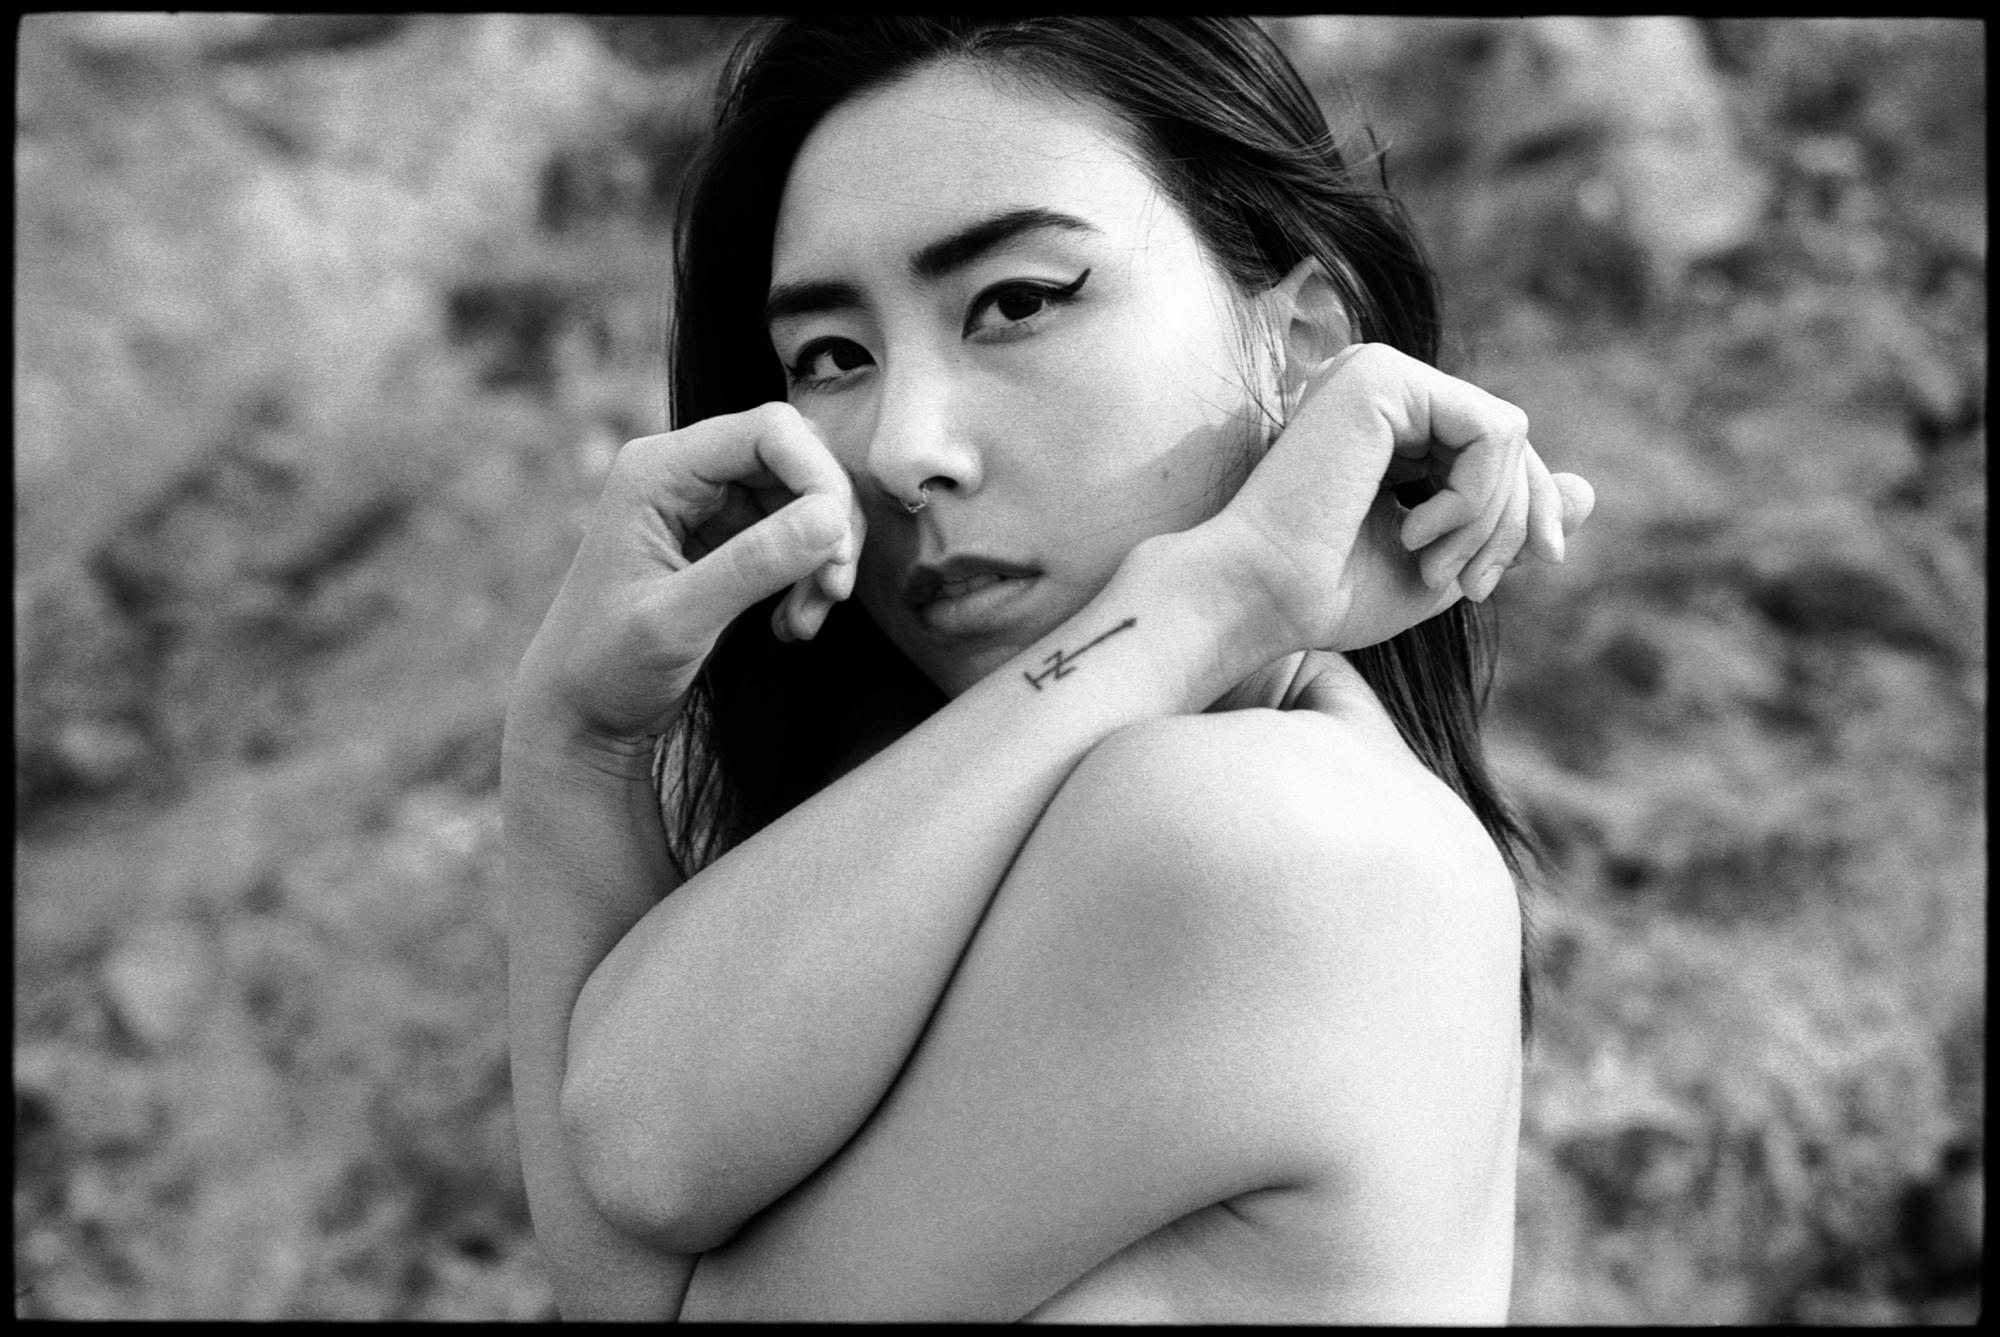 #0489_12A - Adrianna, October 2016